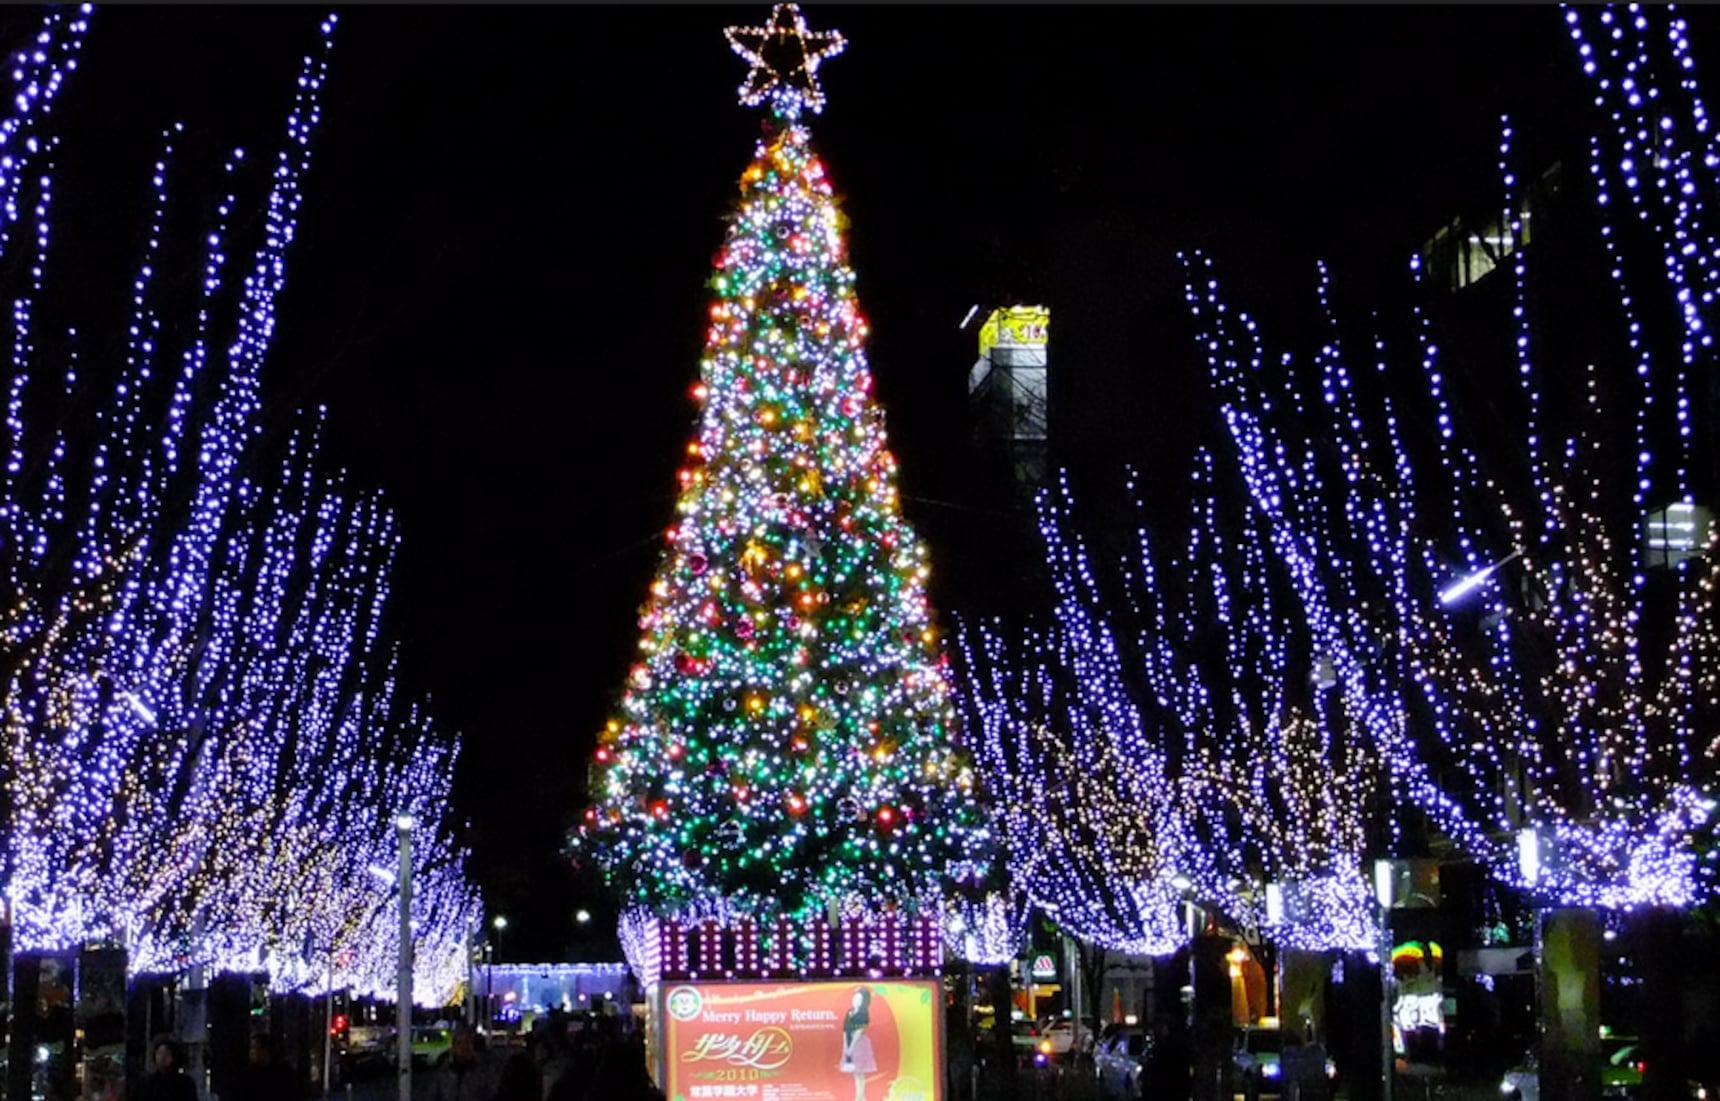 คริสต์มาส X ญี่ปุ่น มีที่มาที่ไปอย่างไรกัน?